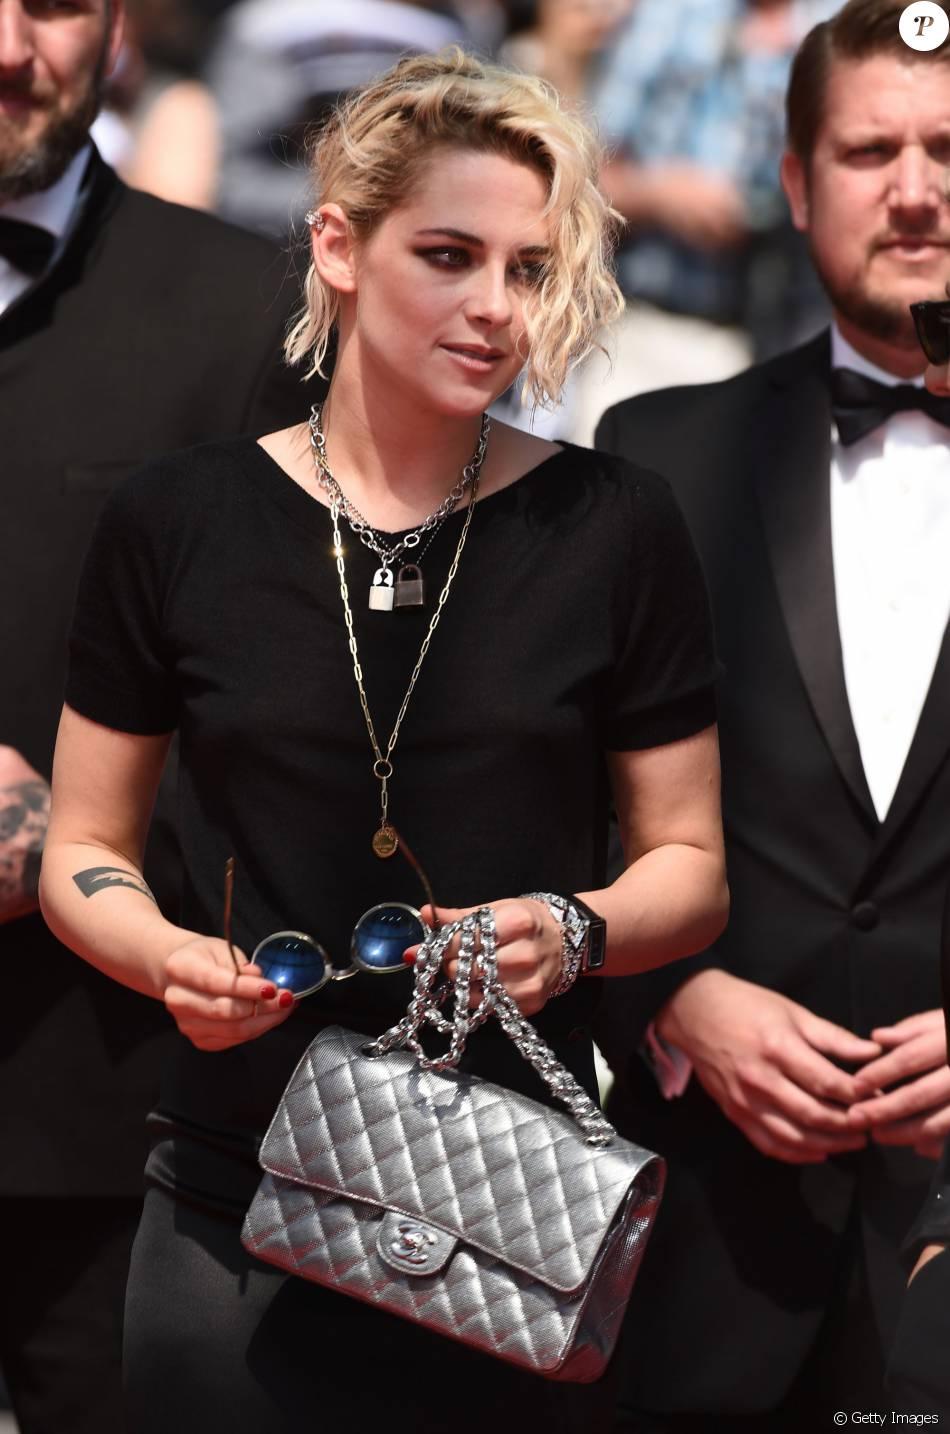 Kristen Stewart chegou ao evento com uma bolsa Chanel e com óculos escuros da marca Oliver Peoples The Row